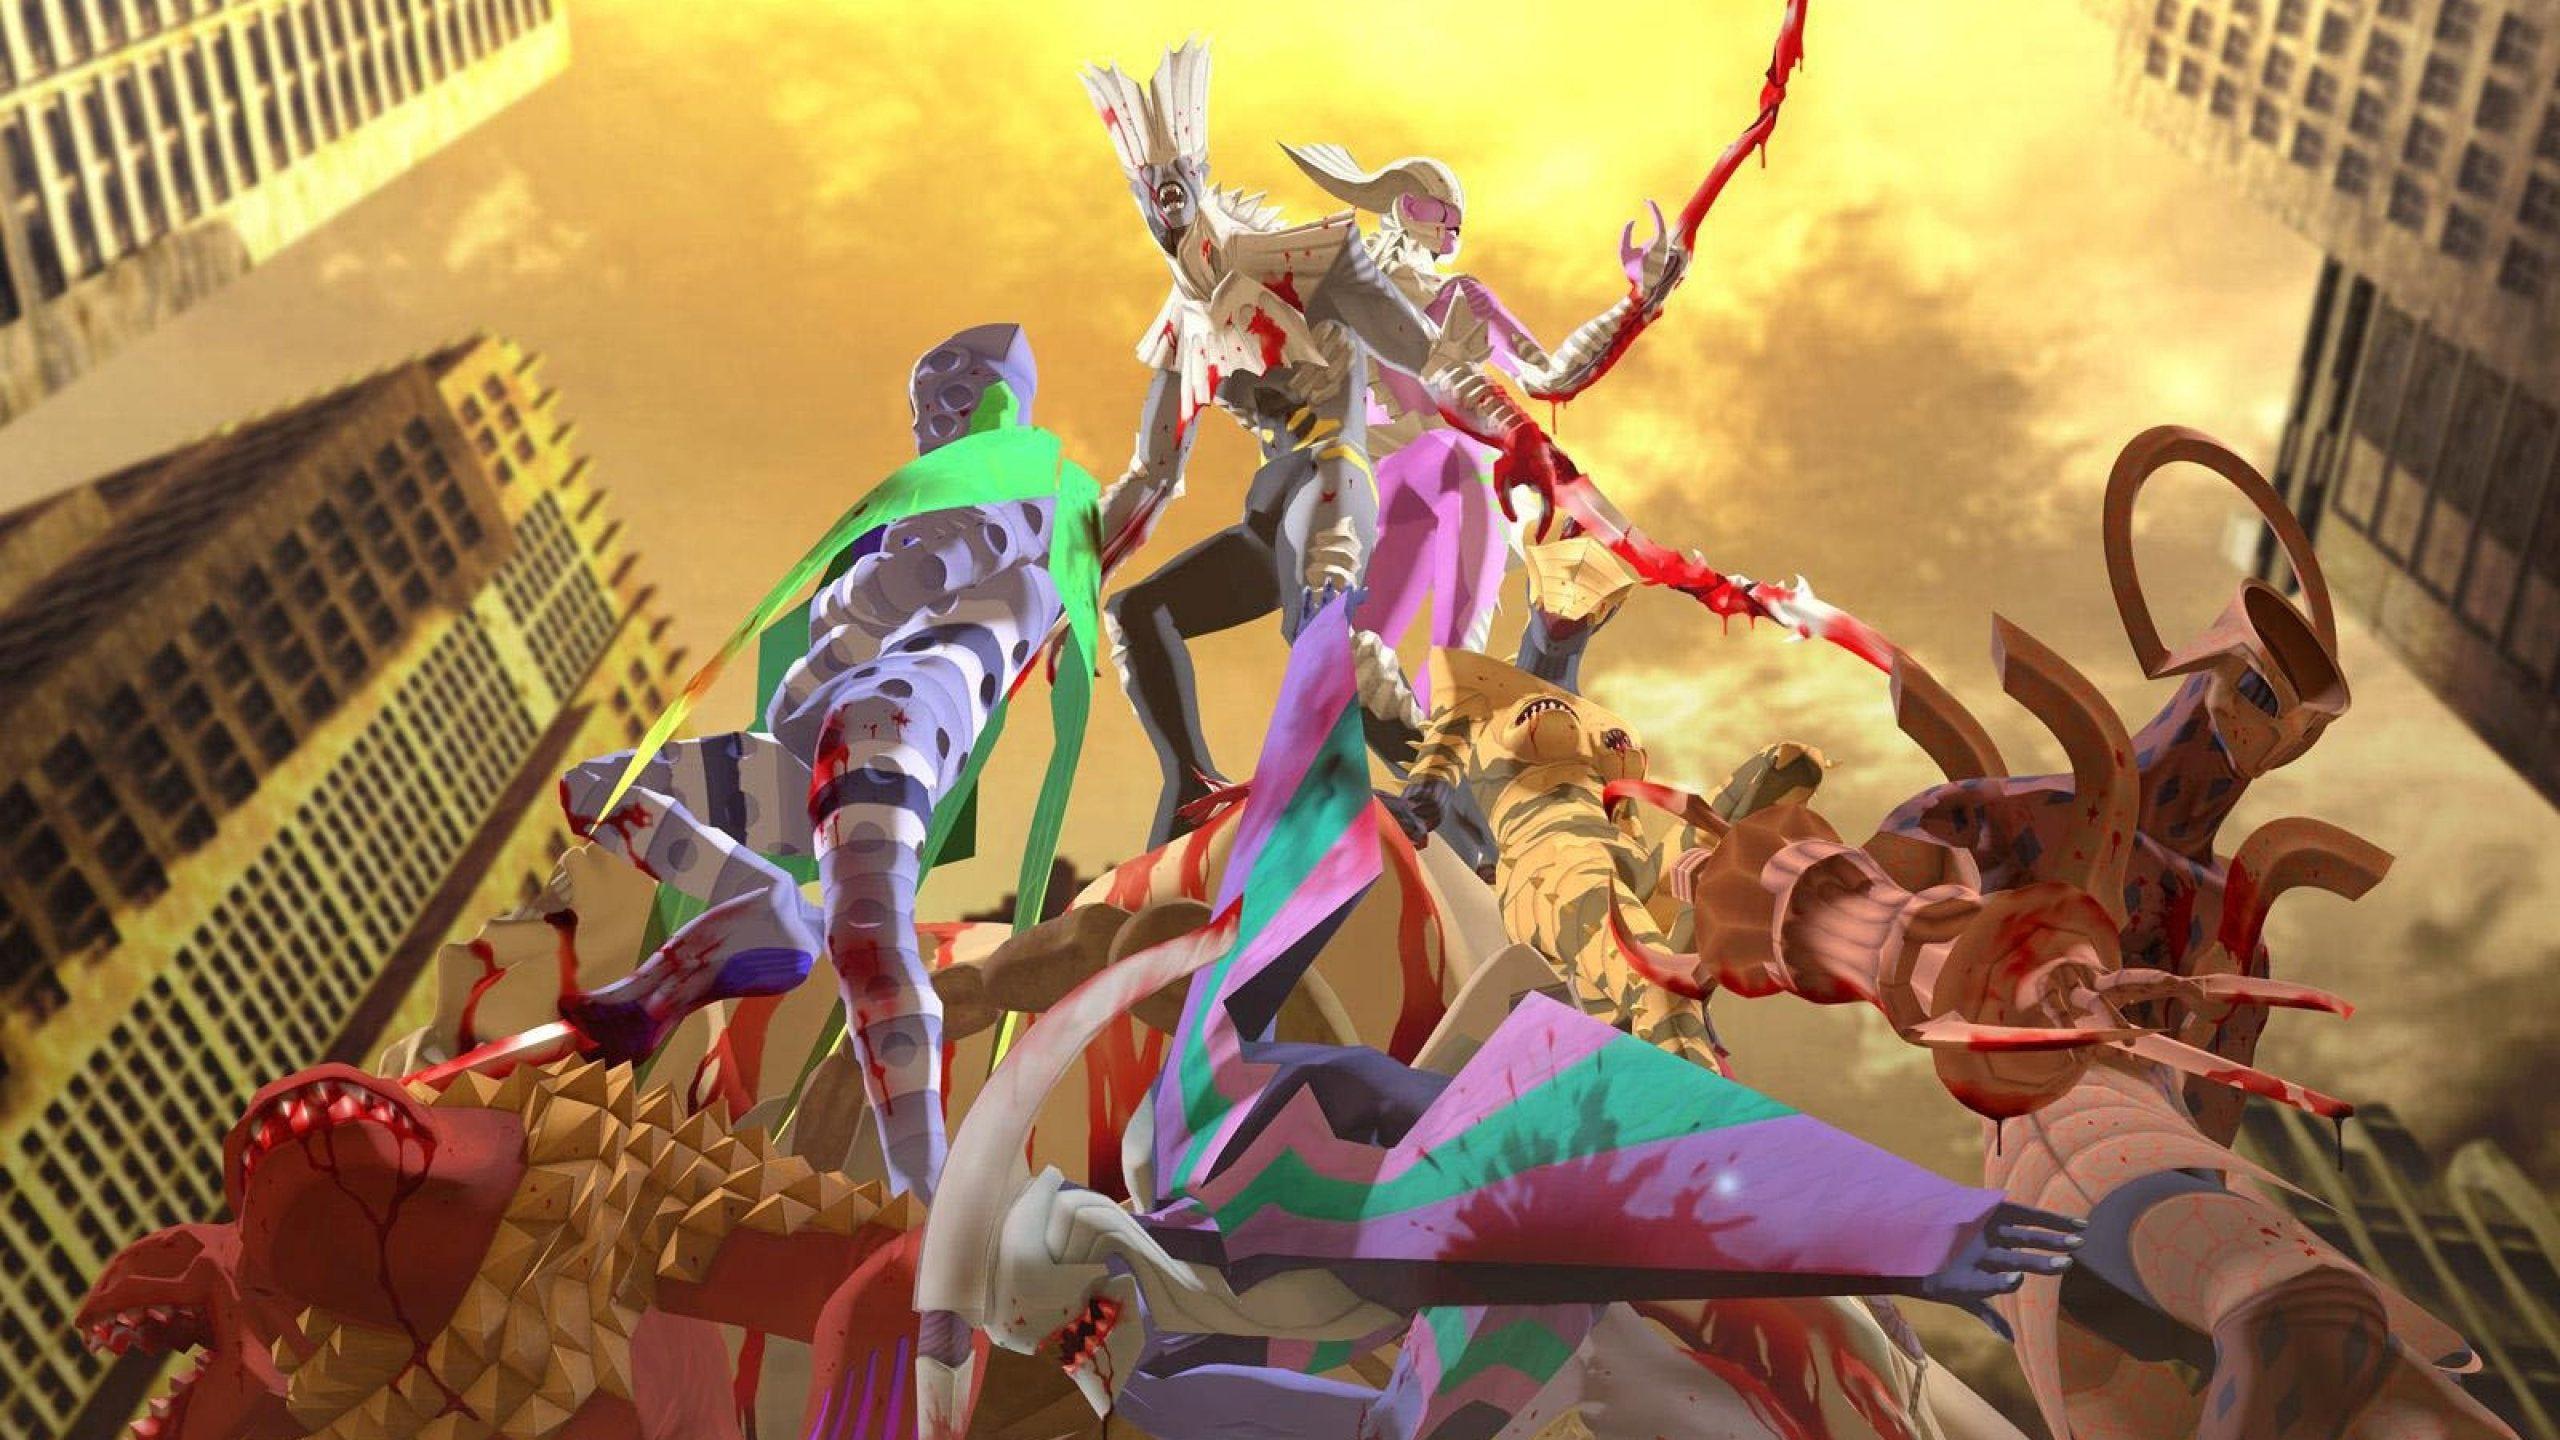 Copertina ufficiale delle soundtrack di Digital Devil Saga 2